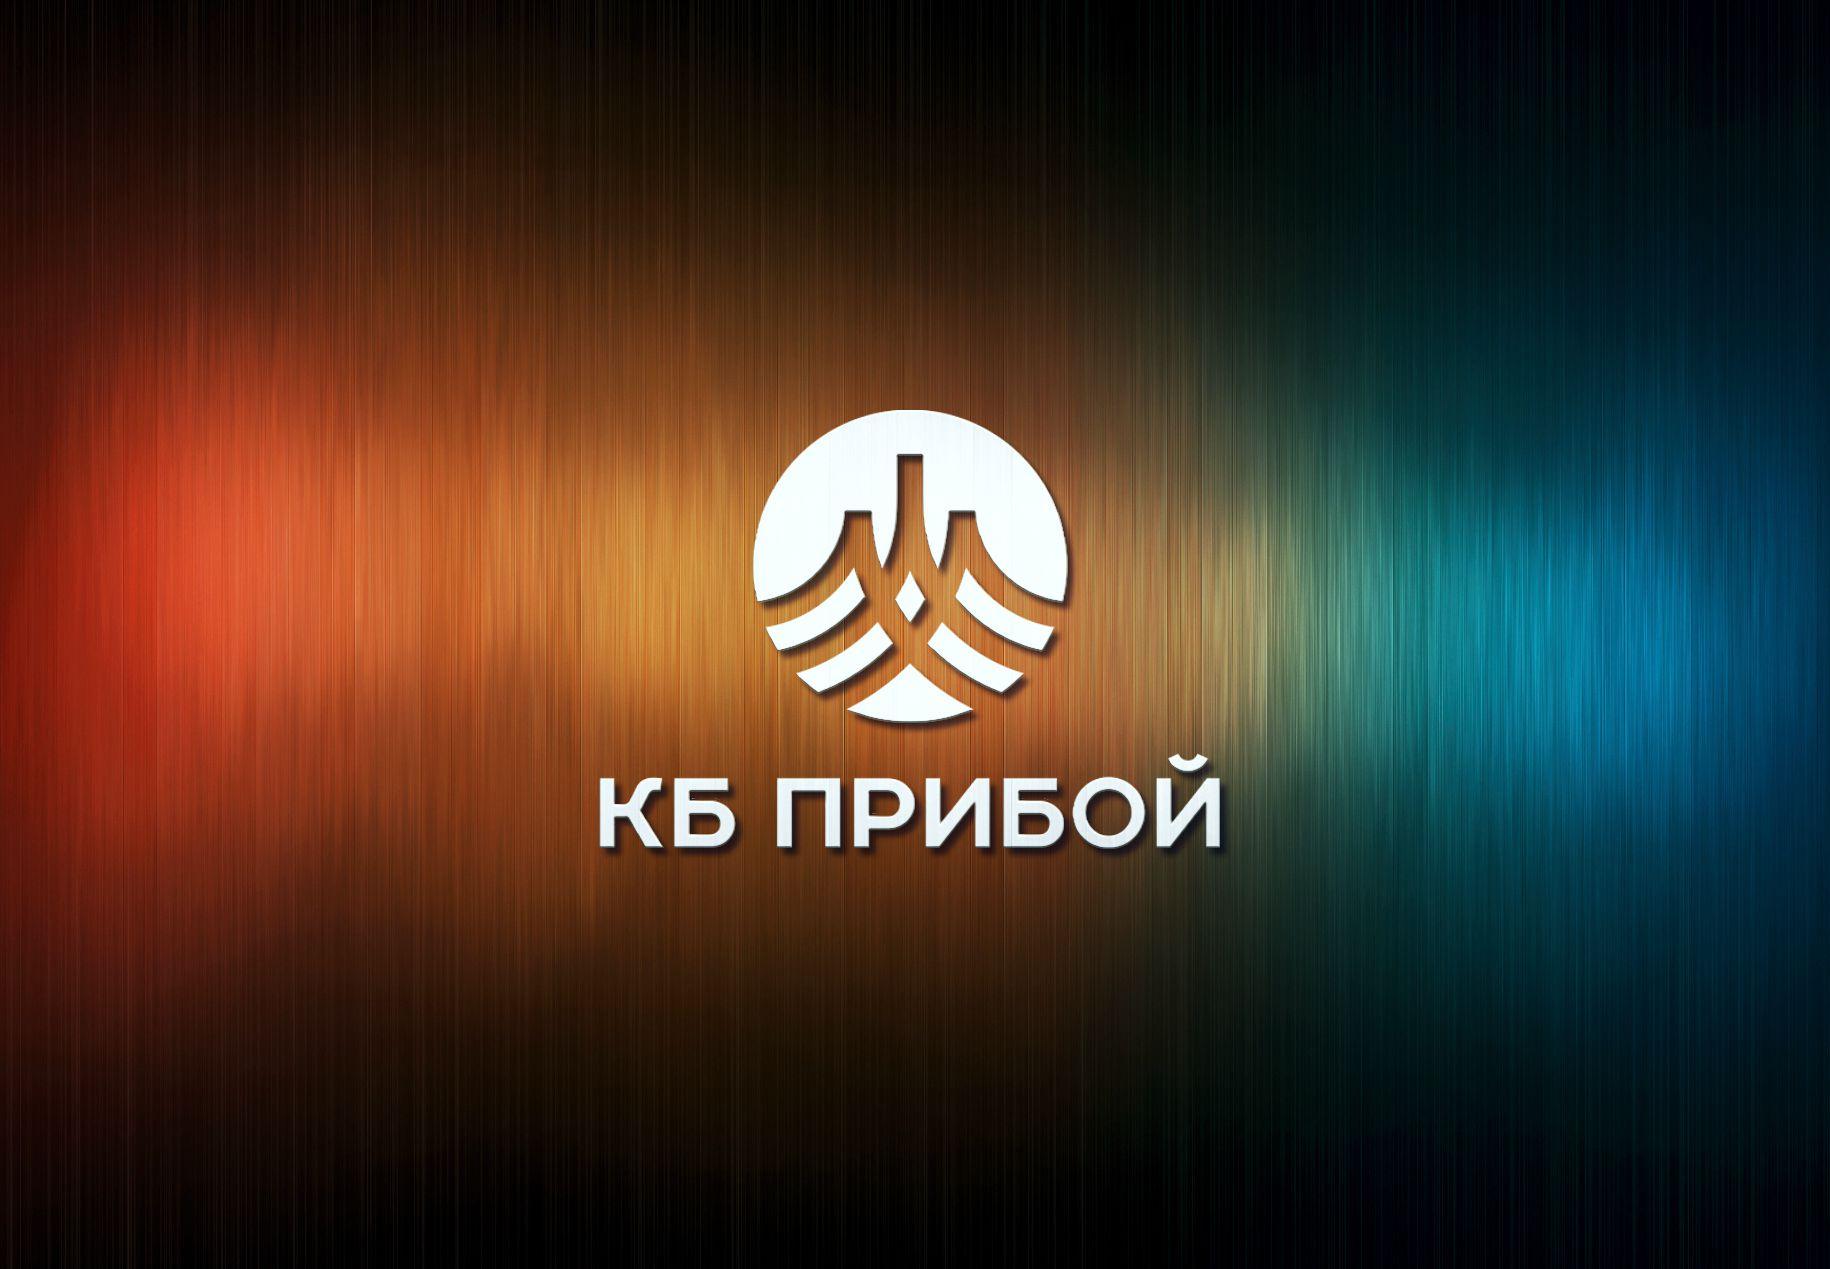 Разработка логотипа и фирменного стиля для КБ Прибой фото f_7625b2190eaf2a8e.jpg